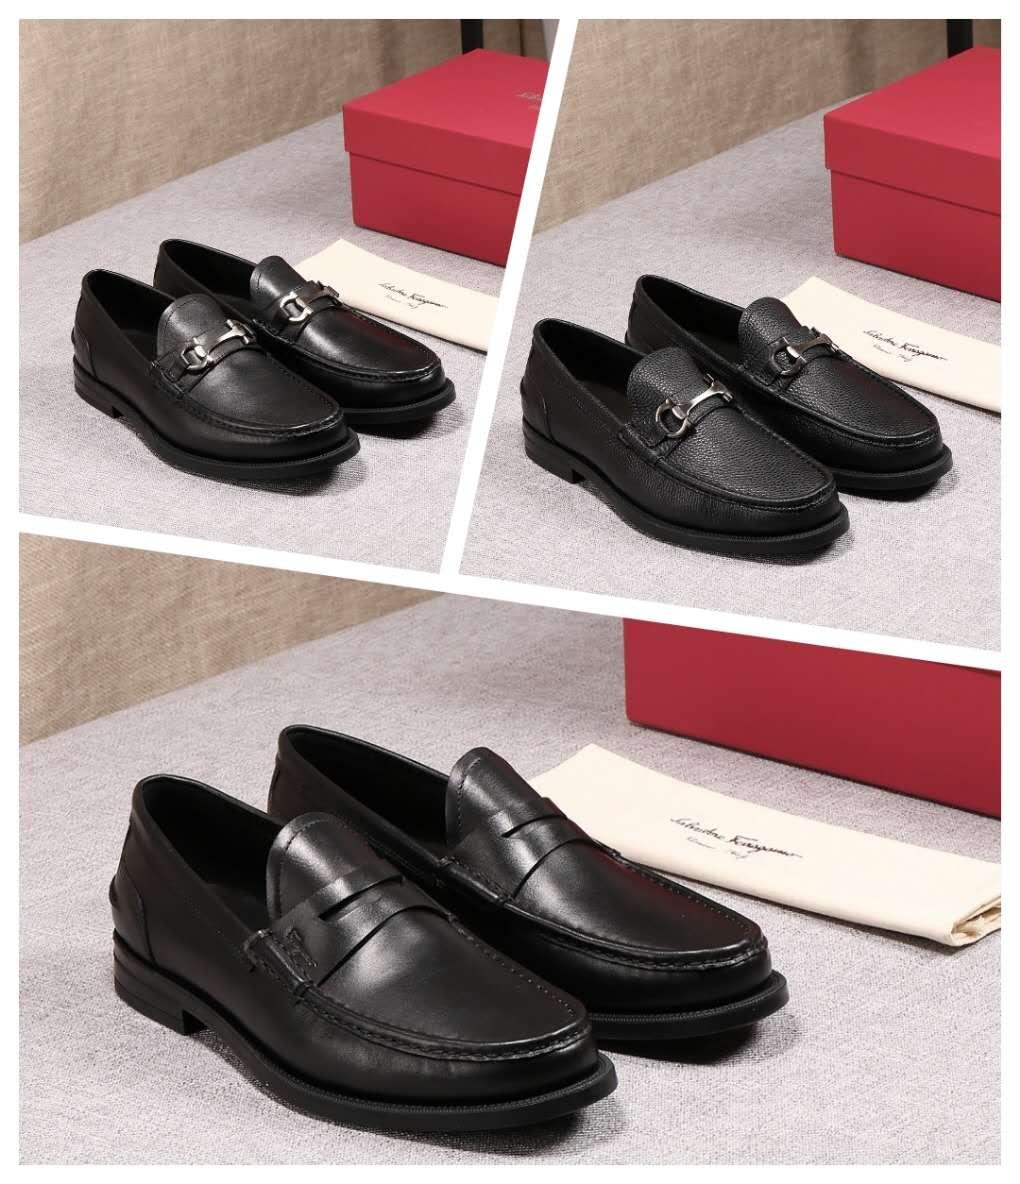 高端男鞋 精品男鞋 厂家直销 一件代发